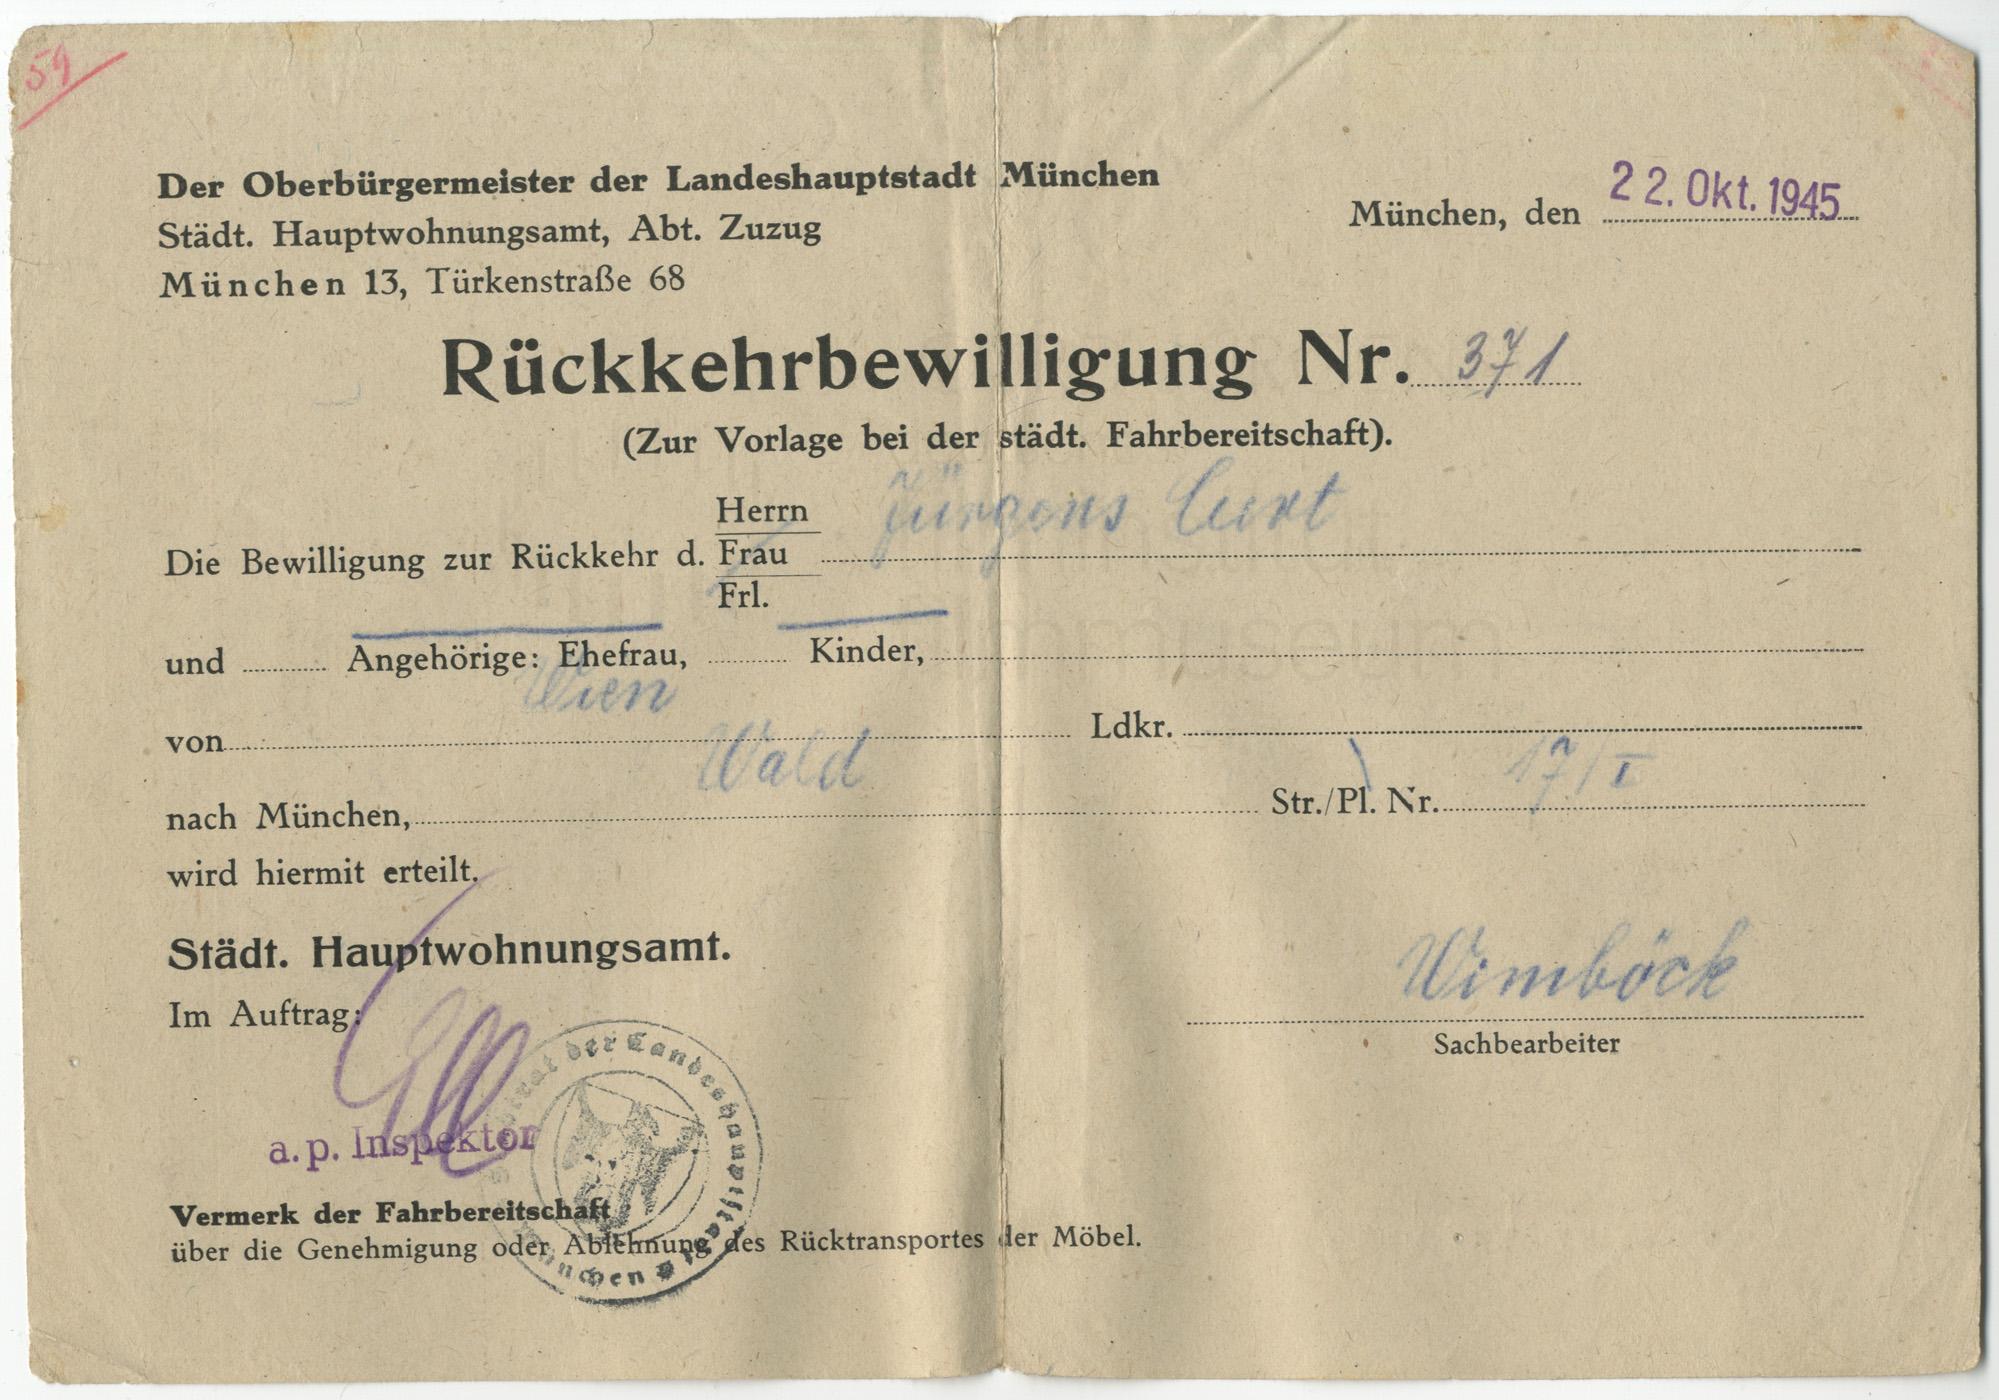 Rückkehrbewilligung für Curd Jürgens. München, 22.10.1945